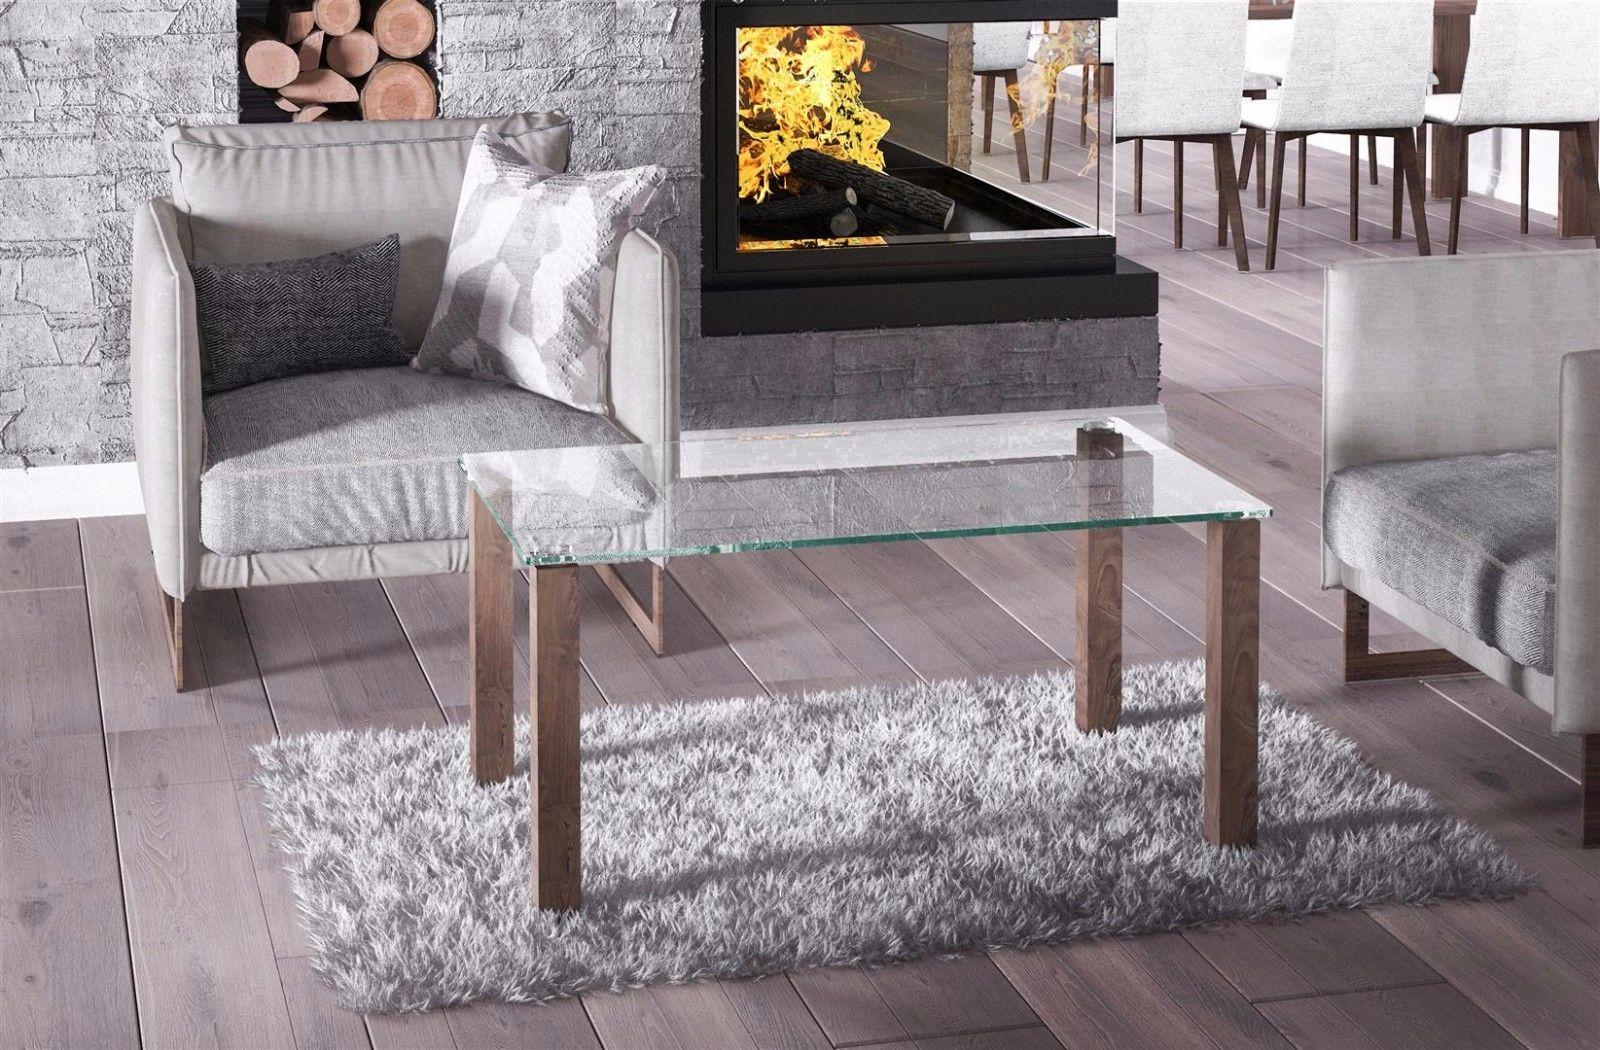 couchtisch preiswert free home affaire couchtisch california mit truhe und fchern kaufen with. Black Bedroom Furniture Sets. Home Design Ideas